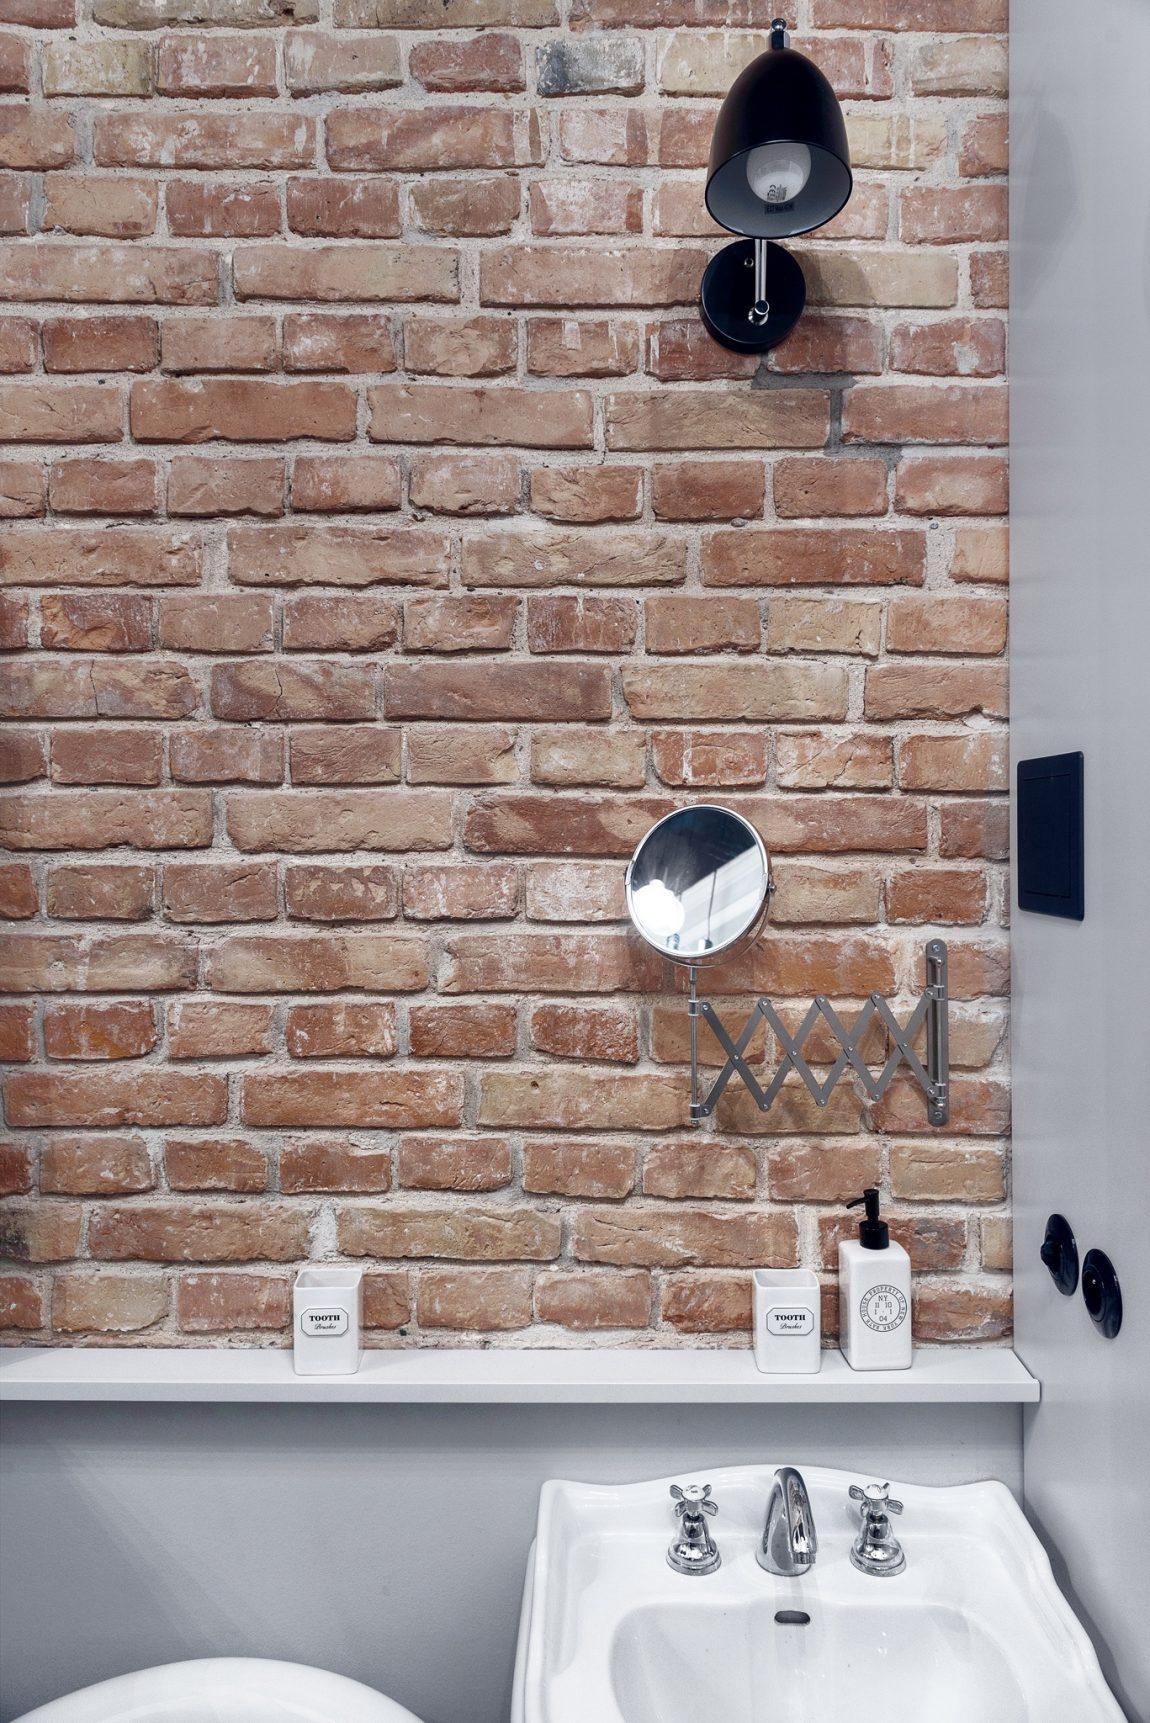 Zwarte wandcontactdoos lichtschakelaar badkamer